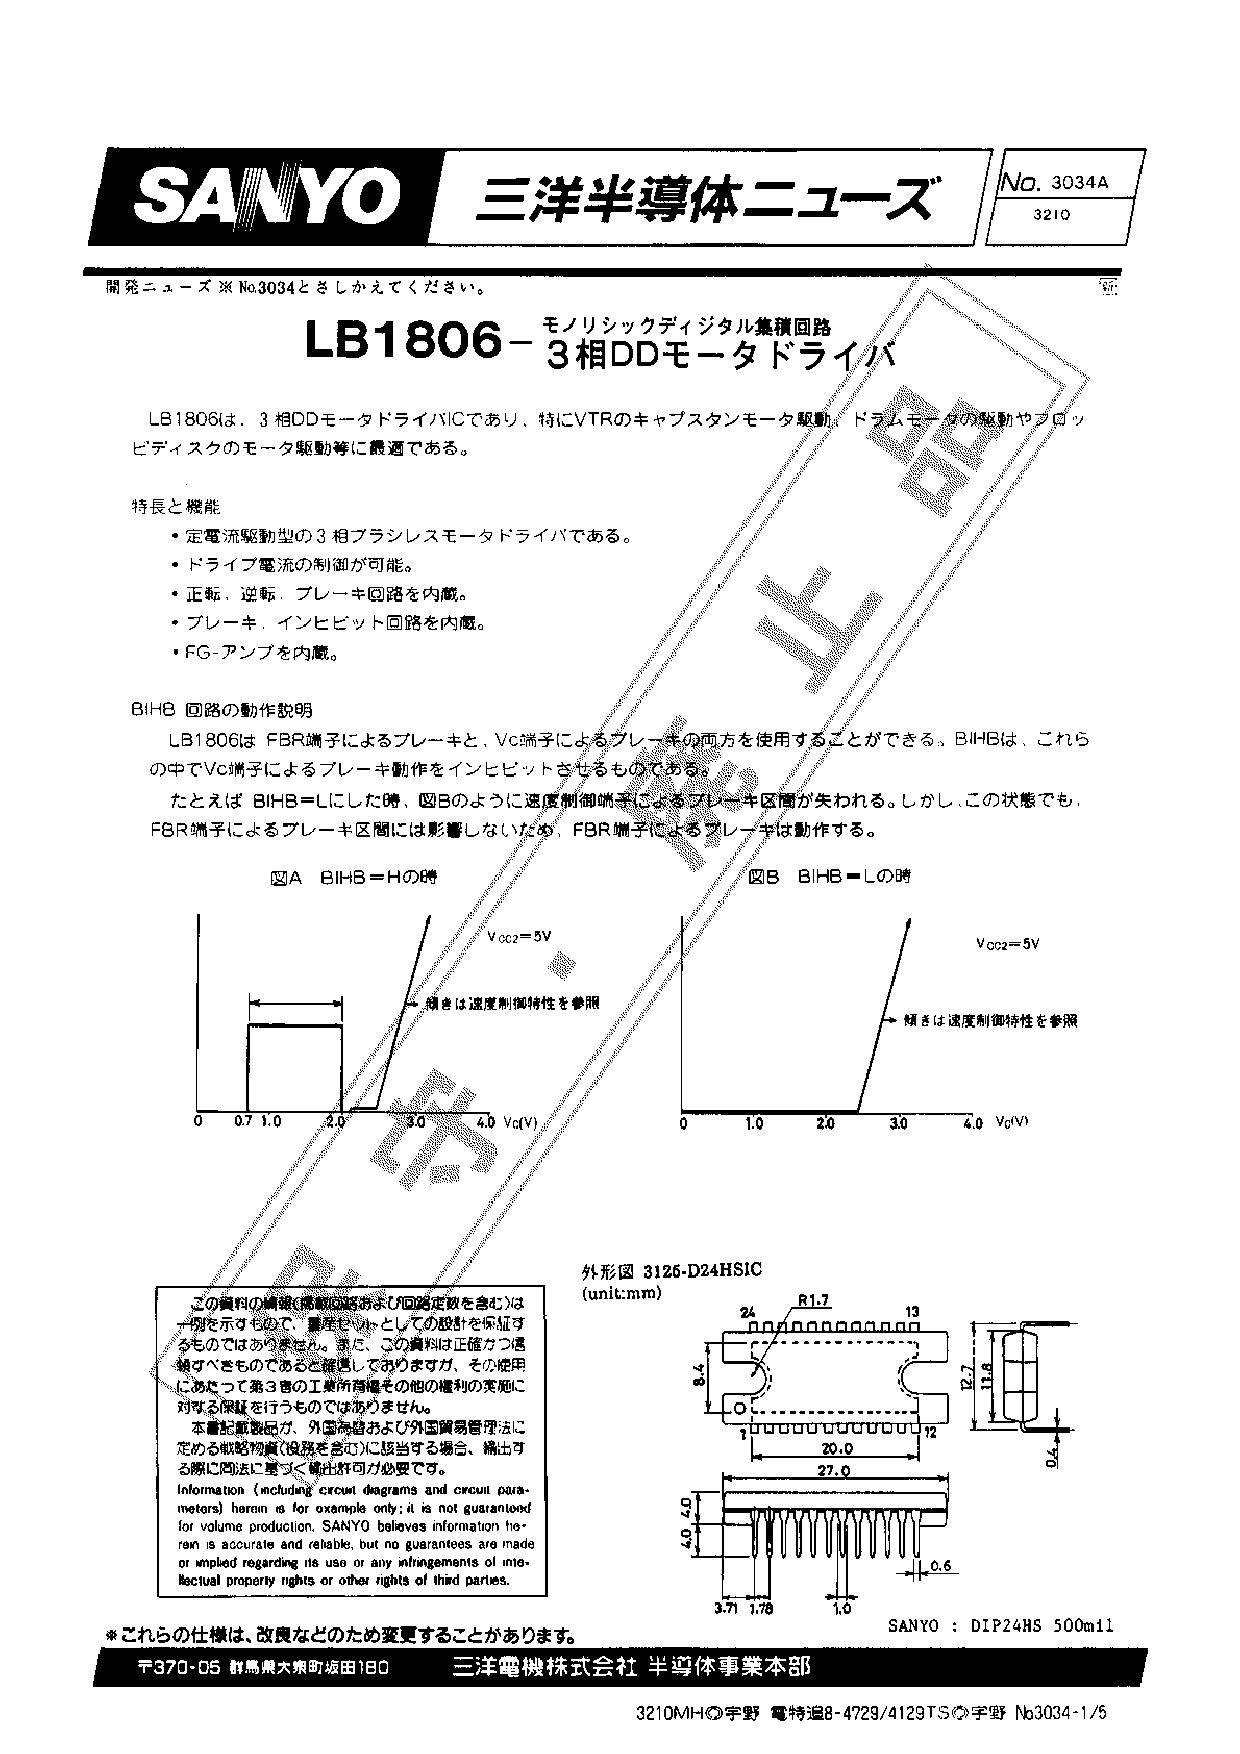 LB1806 datasheet